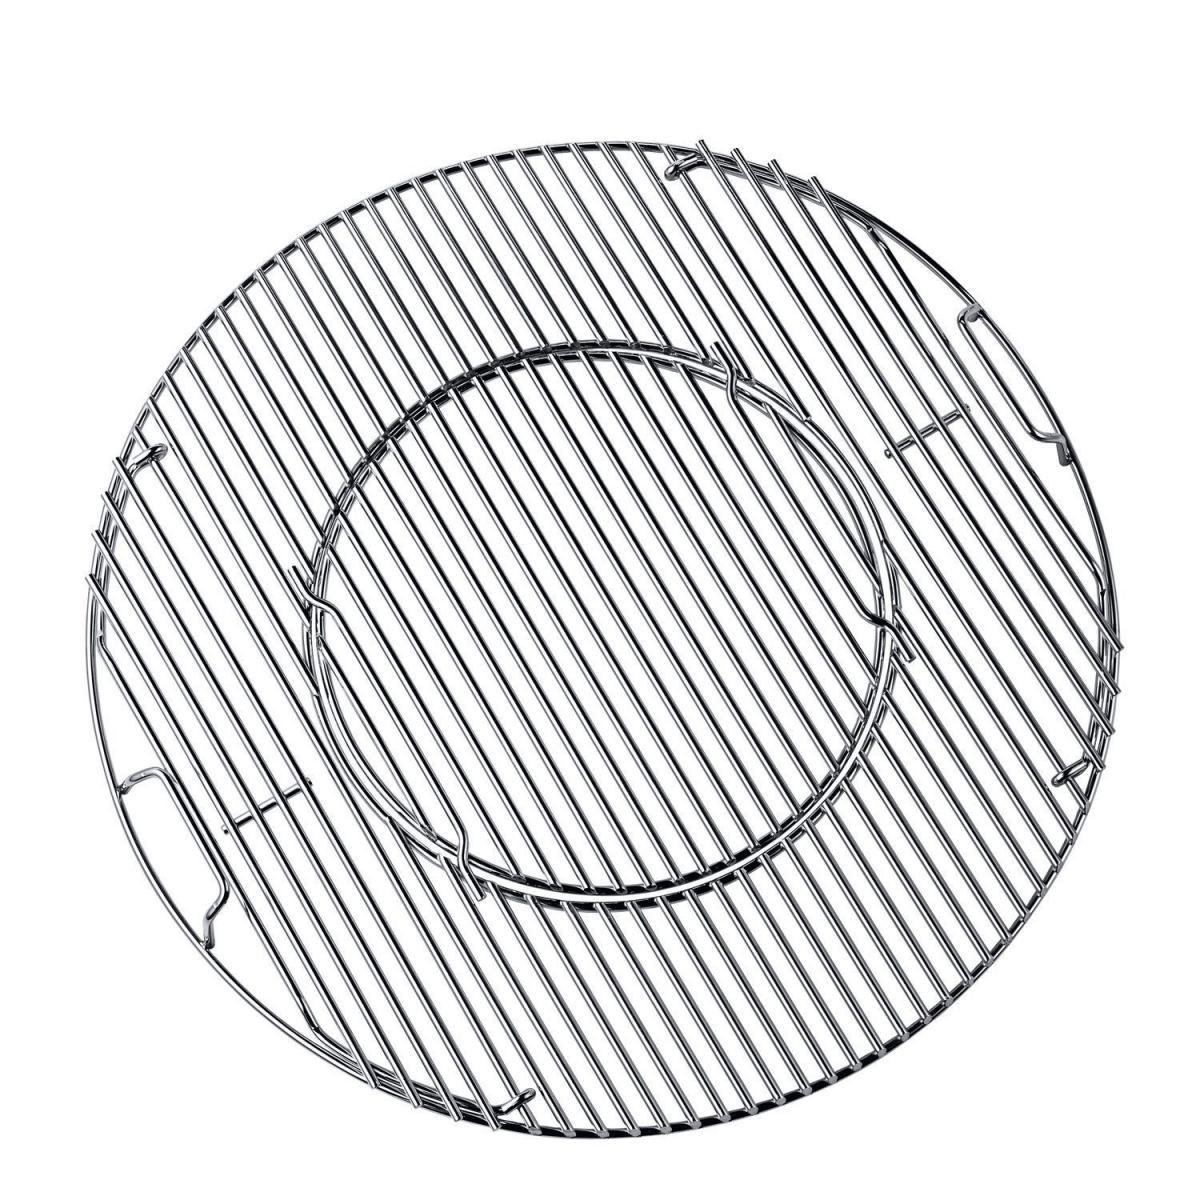 Grillrost, rund, 57 cm